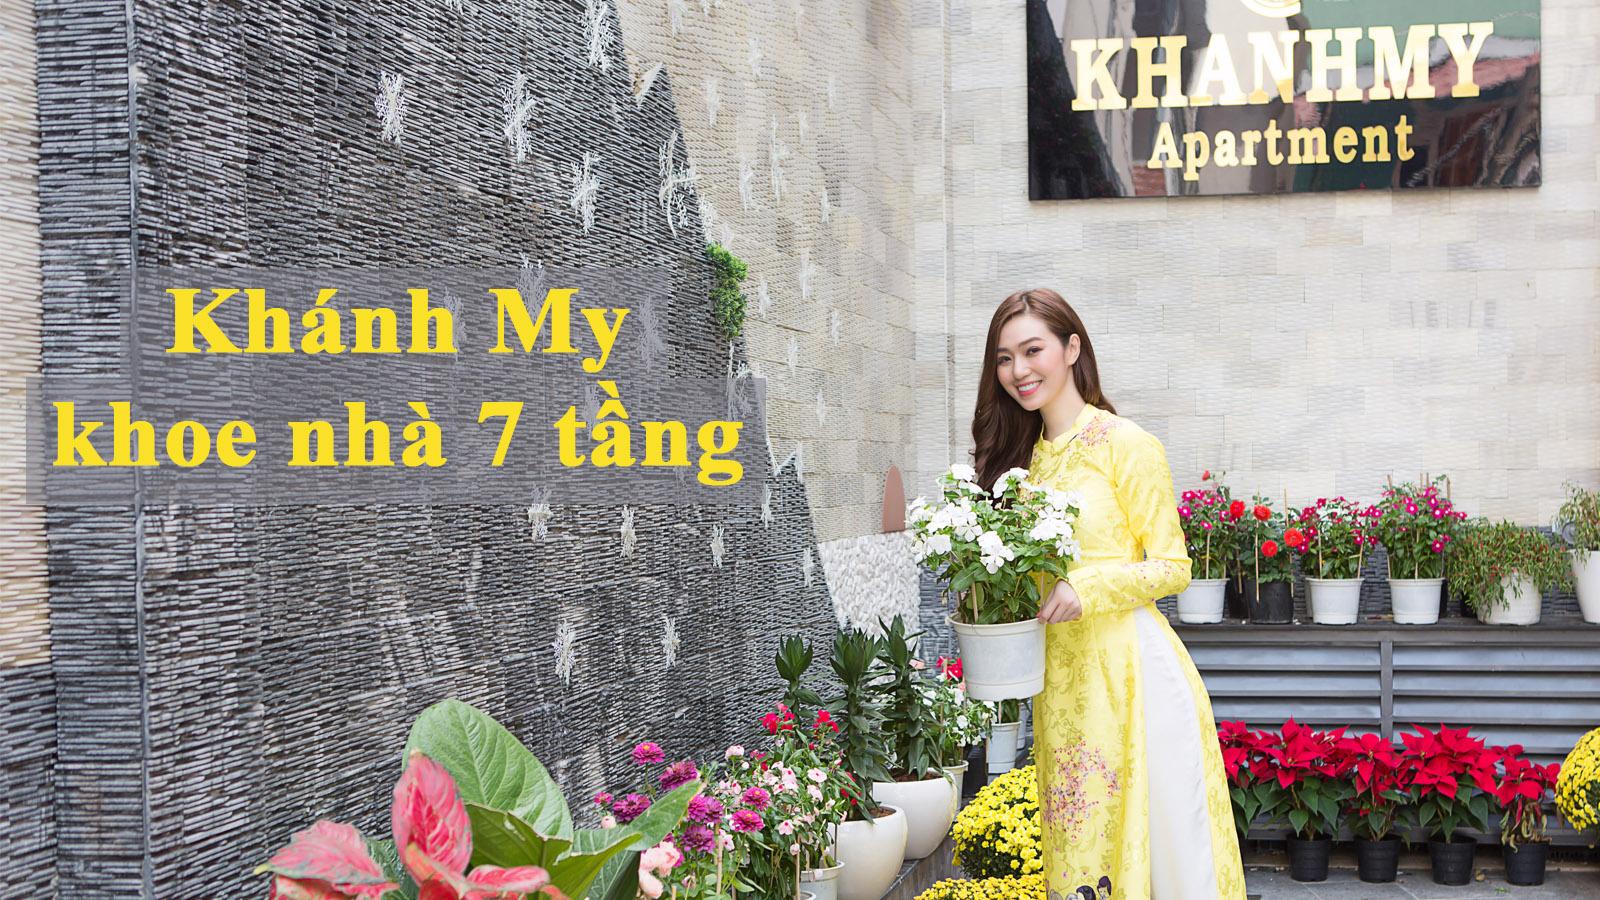 Khánh My khoe nhà 7 tầng, hơn 40 phòng ở Sài Gòn - 1